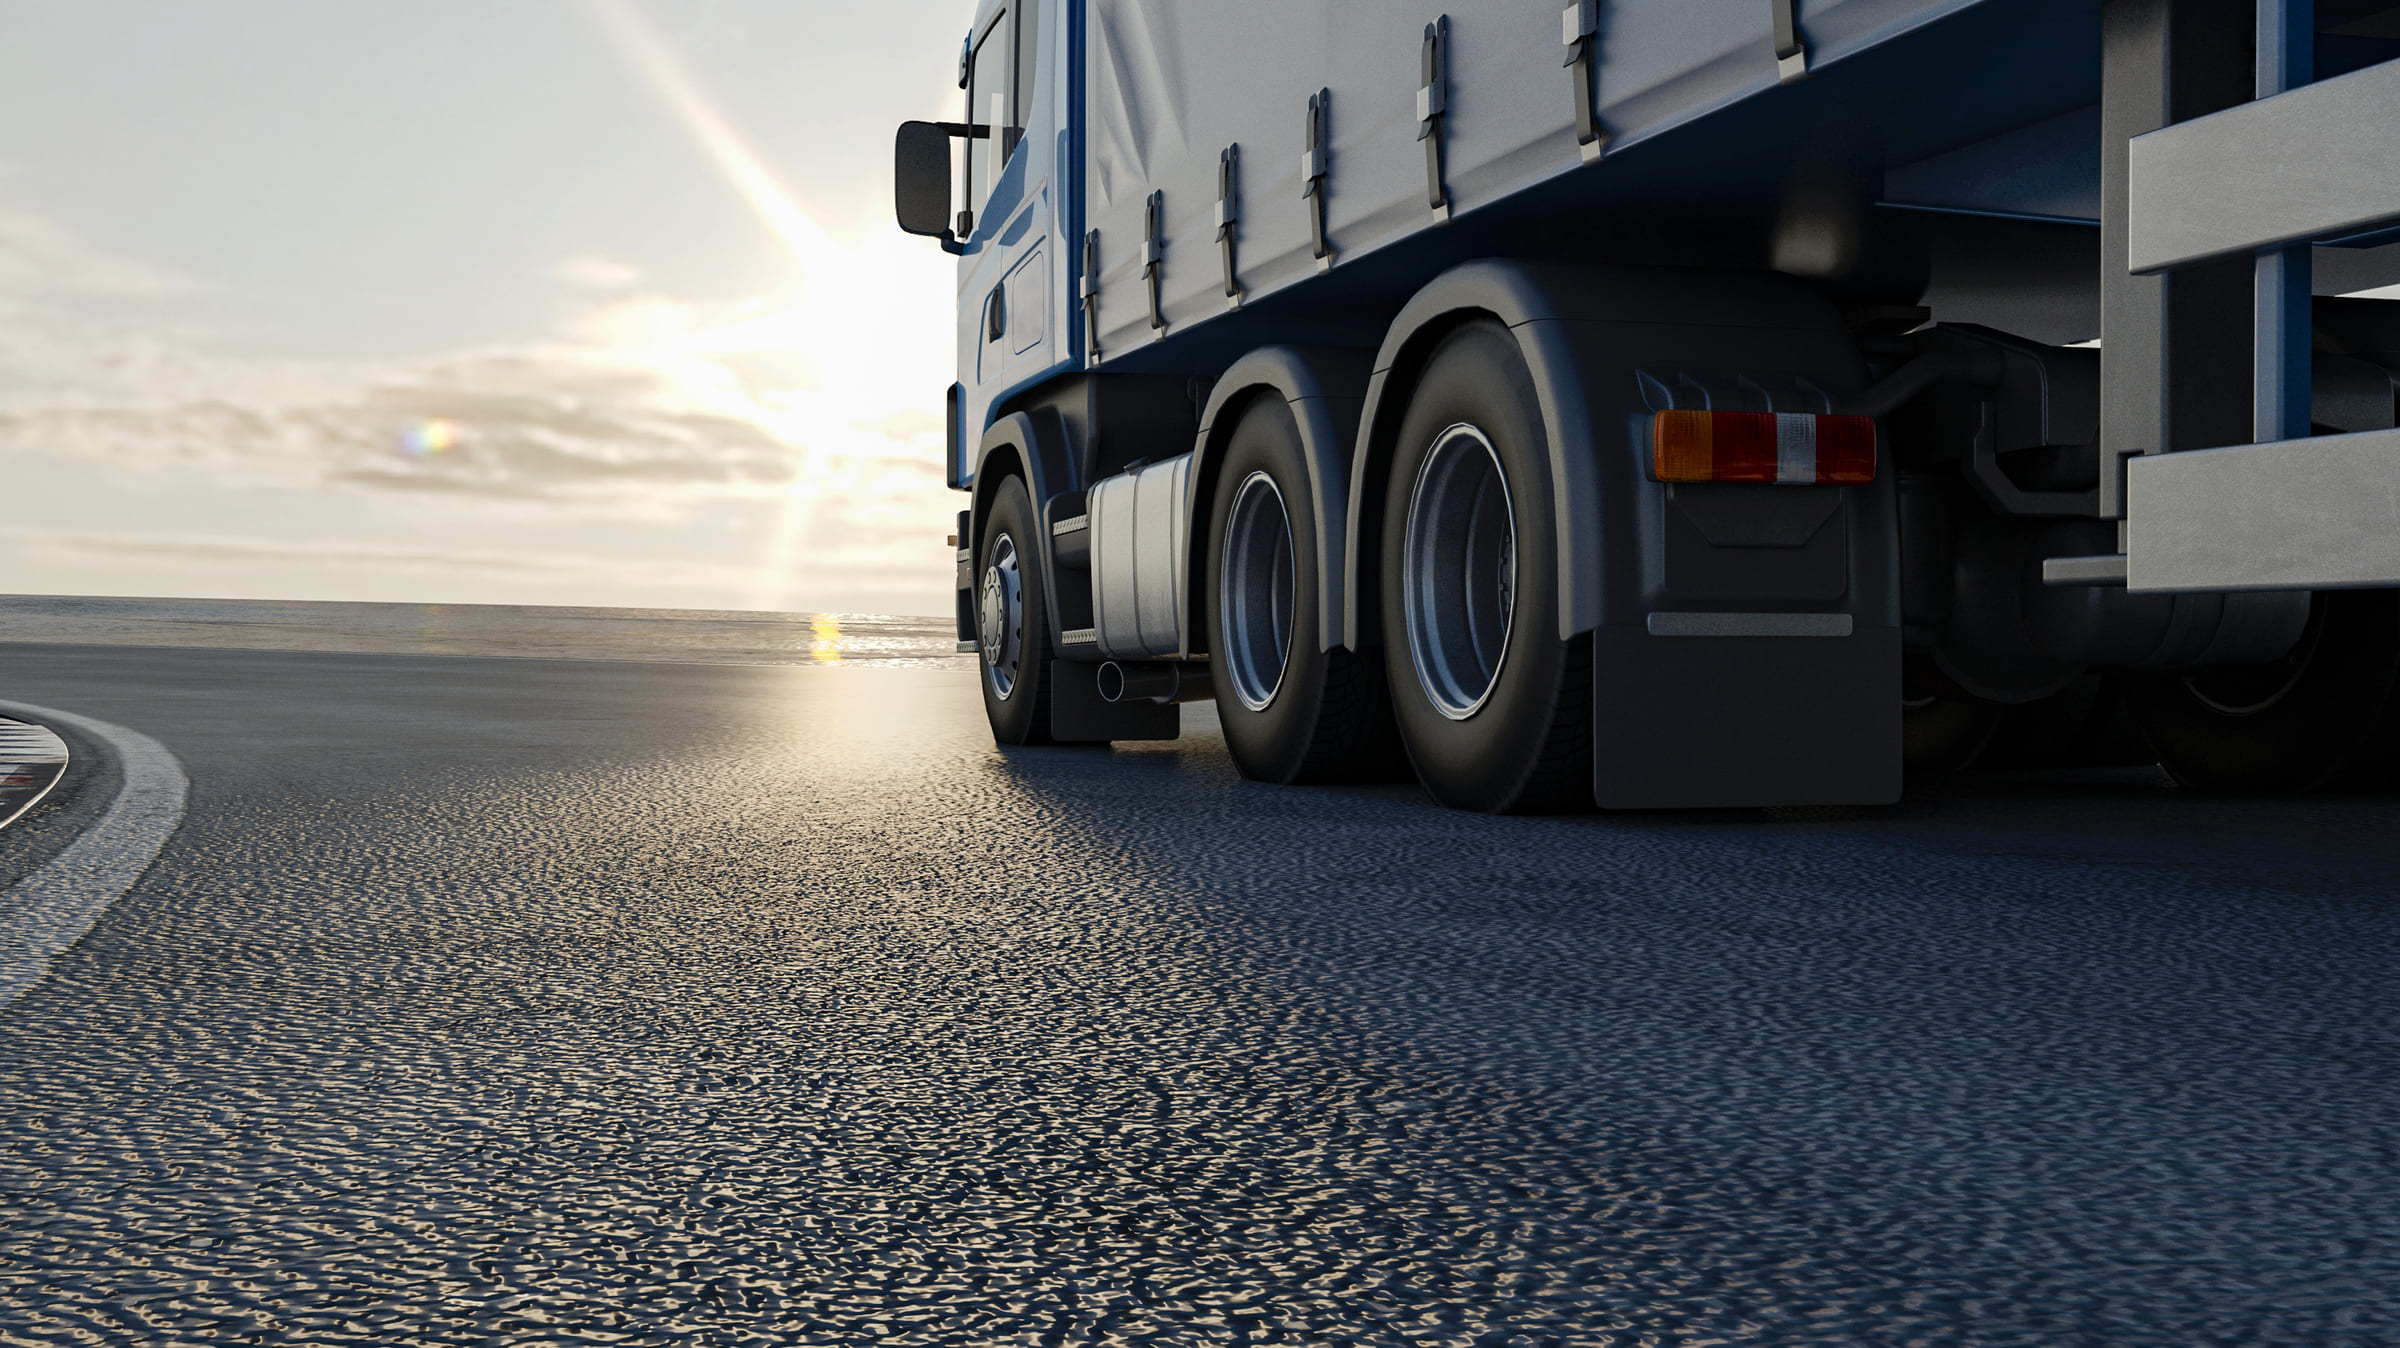 Eutraco vrachtwagen op de weg